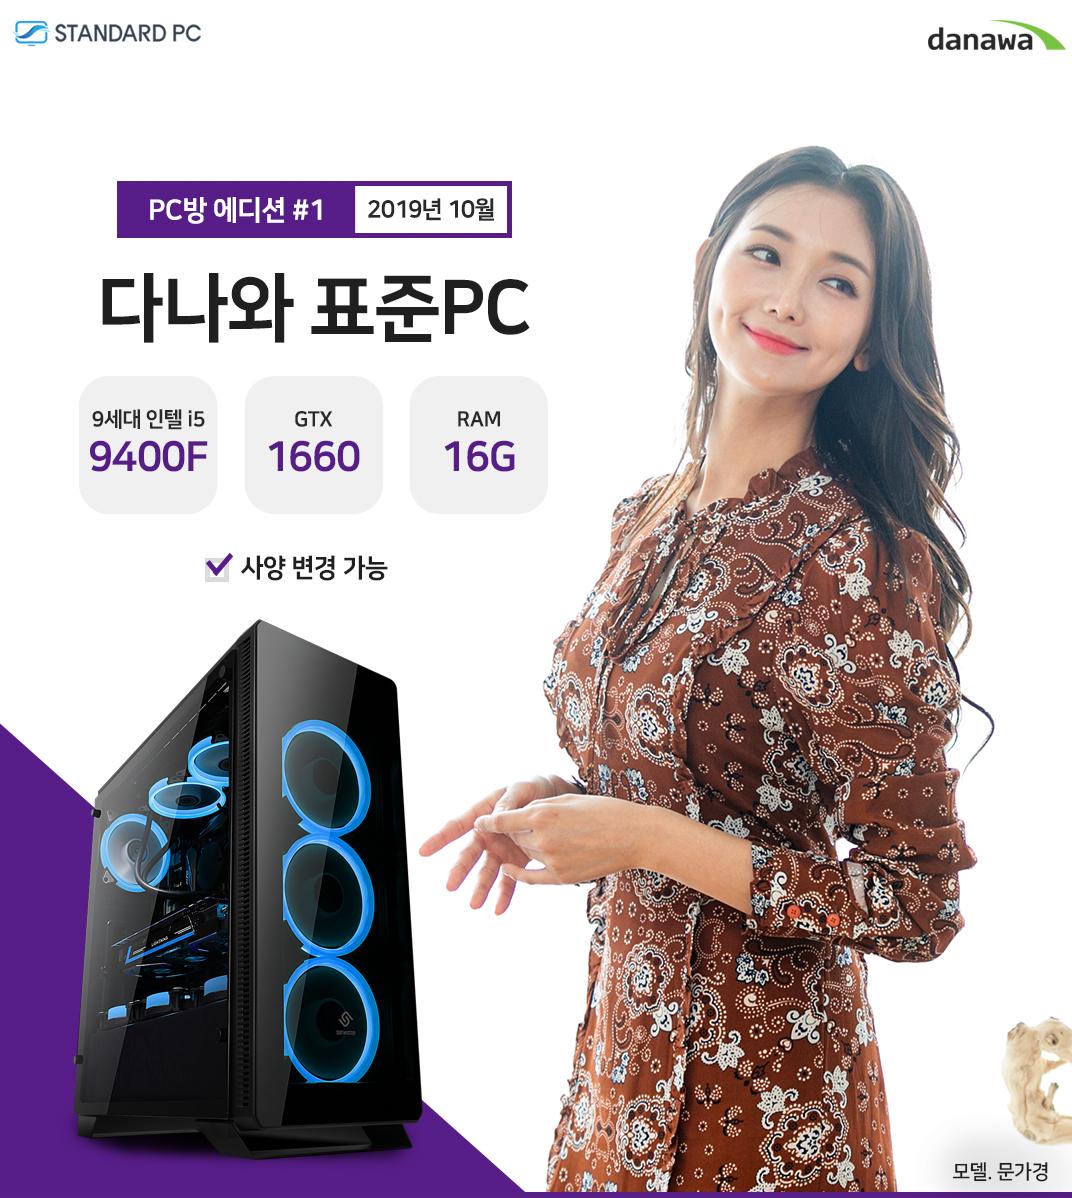 2019년 10월 다나와 표준PC PC방 에디션  인텔 i5-9세대 9400F GTX1660 RAM 16G 모델 문가경